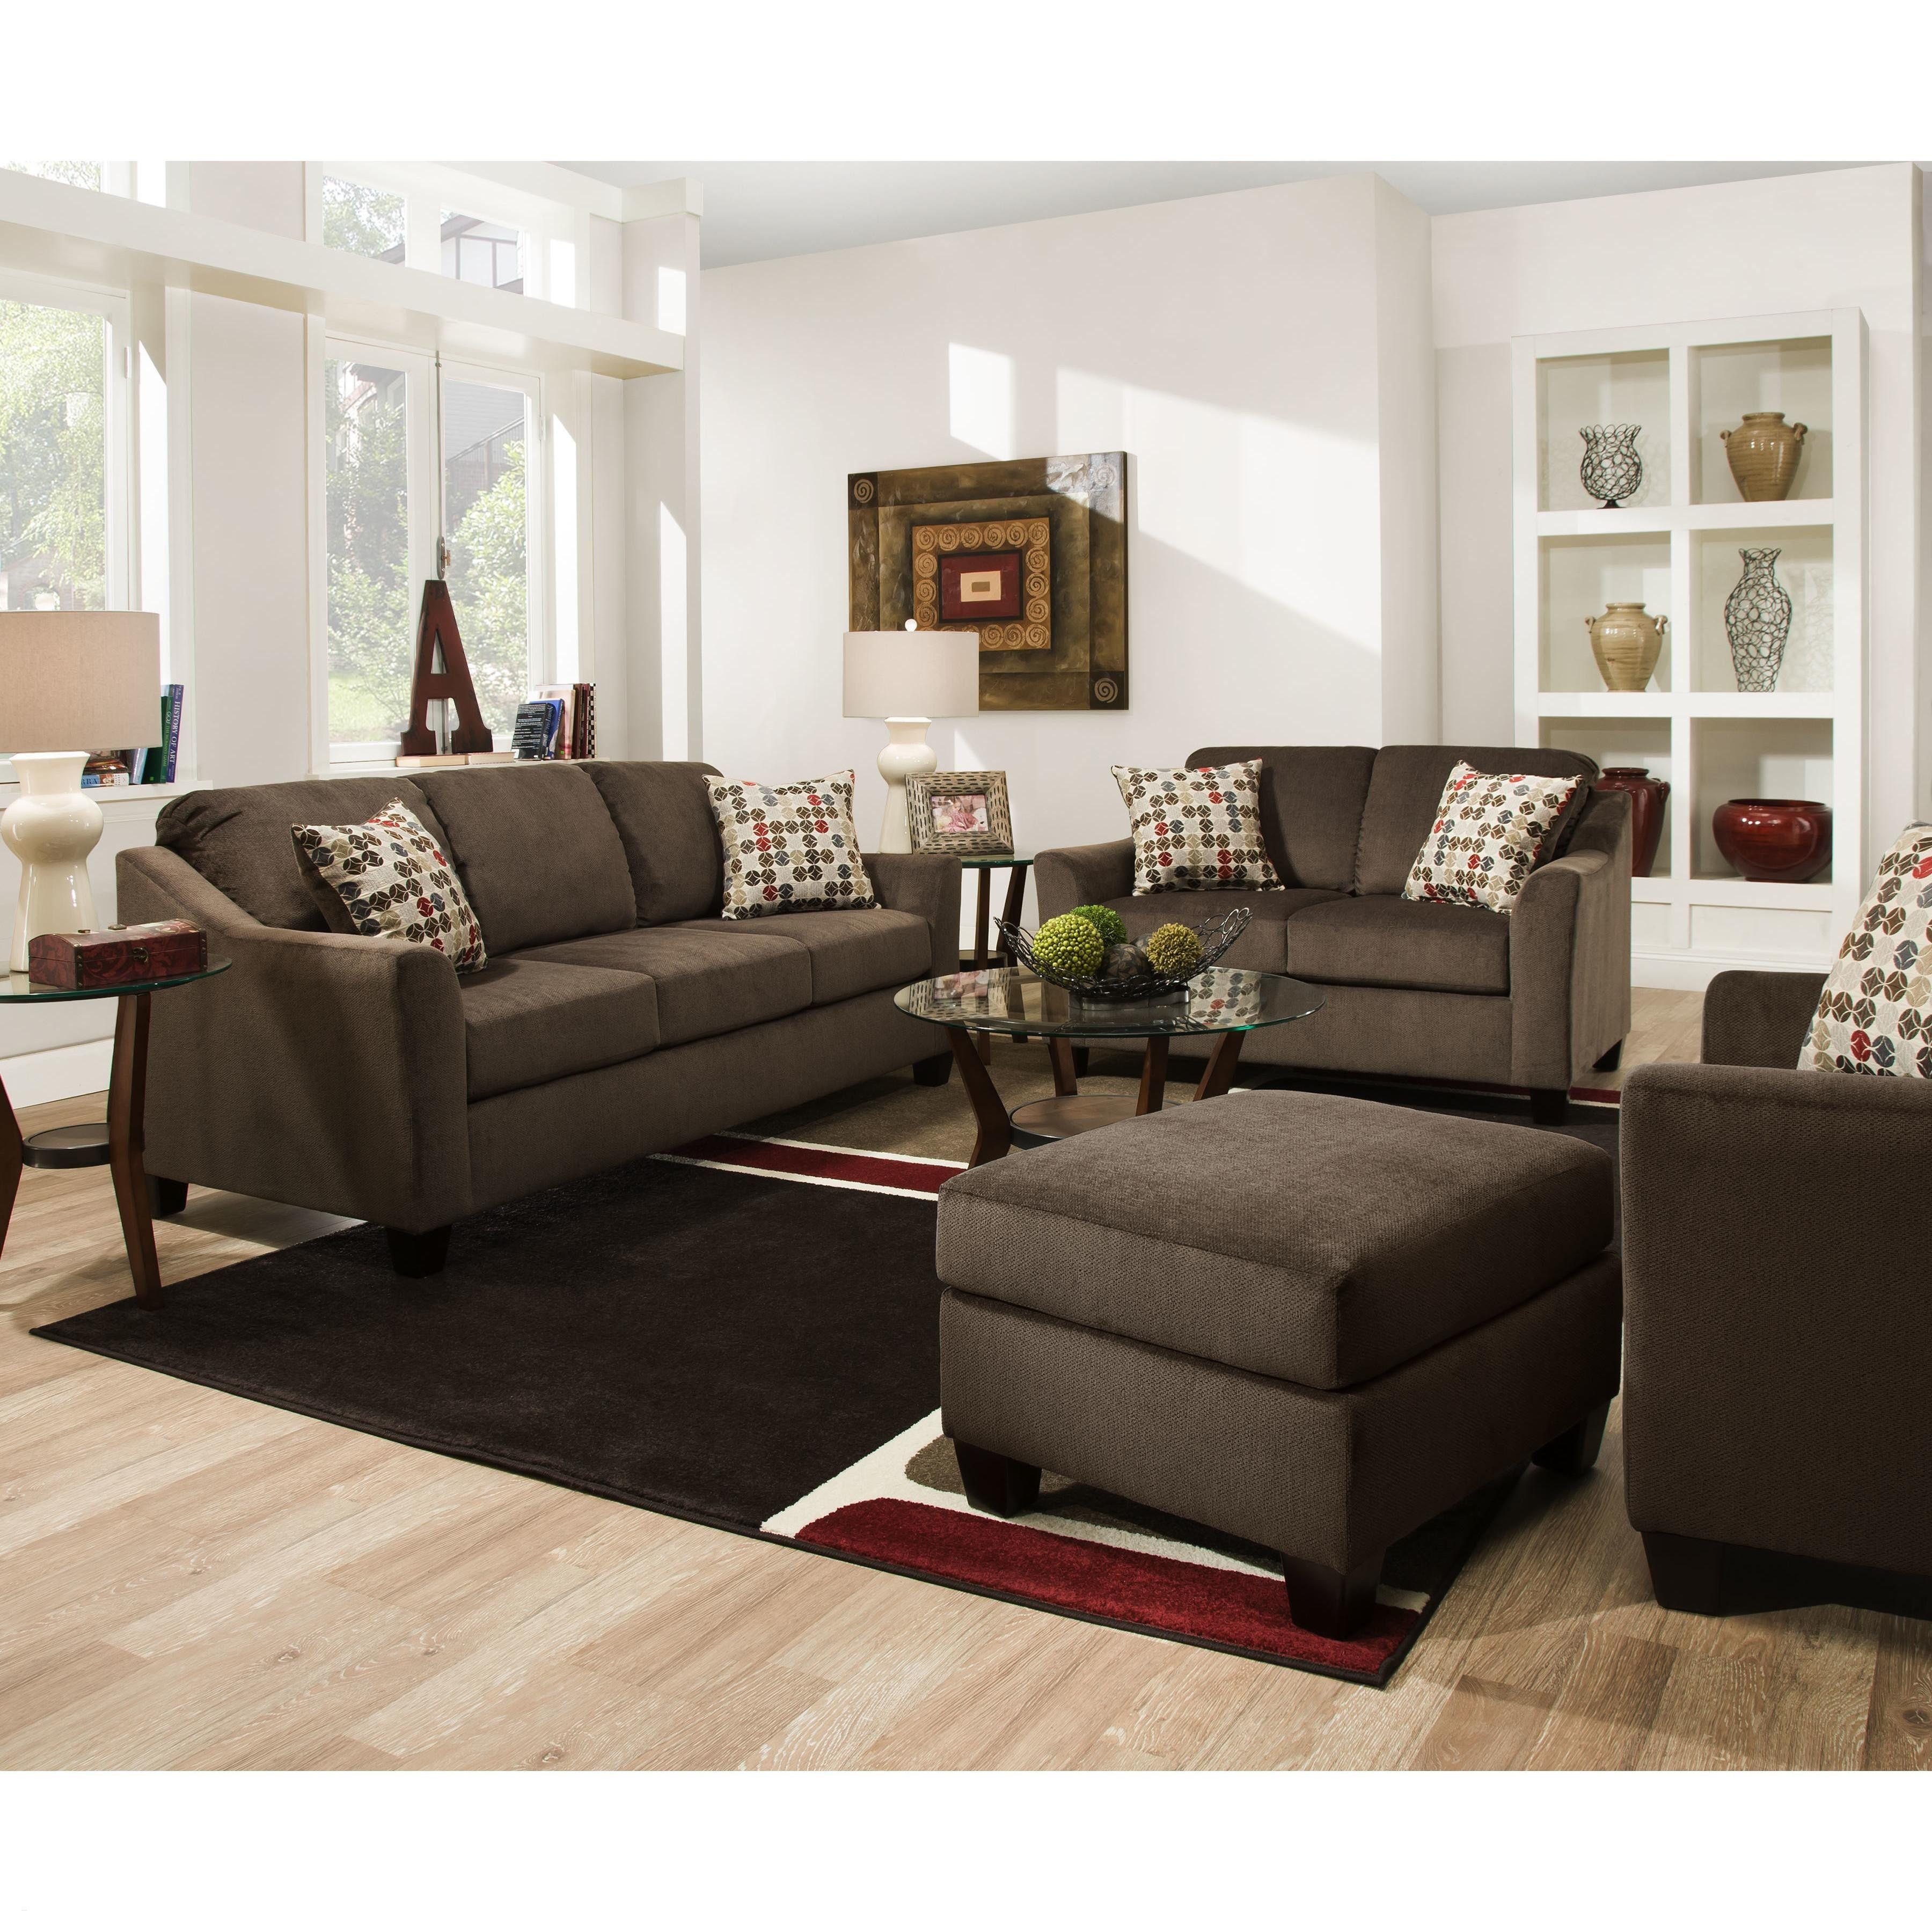 21 Neues Sofa Sleeper Lounge Sessel Sofa Sofa Design Shabby Chic Sofa Und Kleine Wohnzimmer